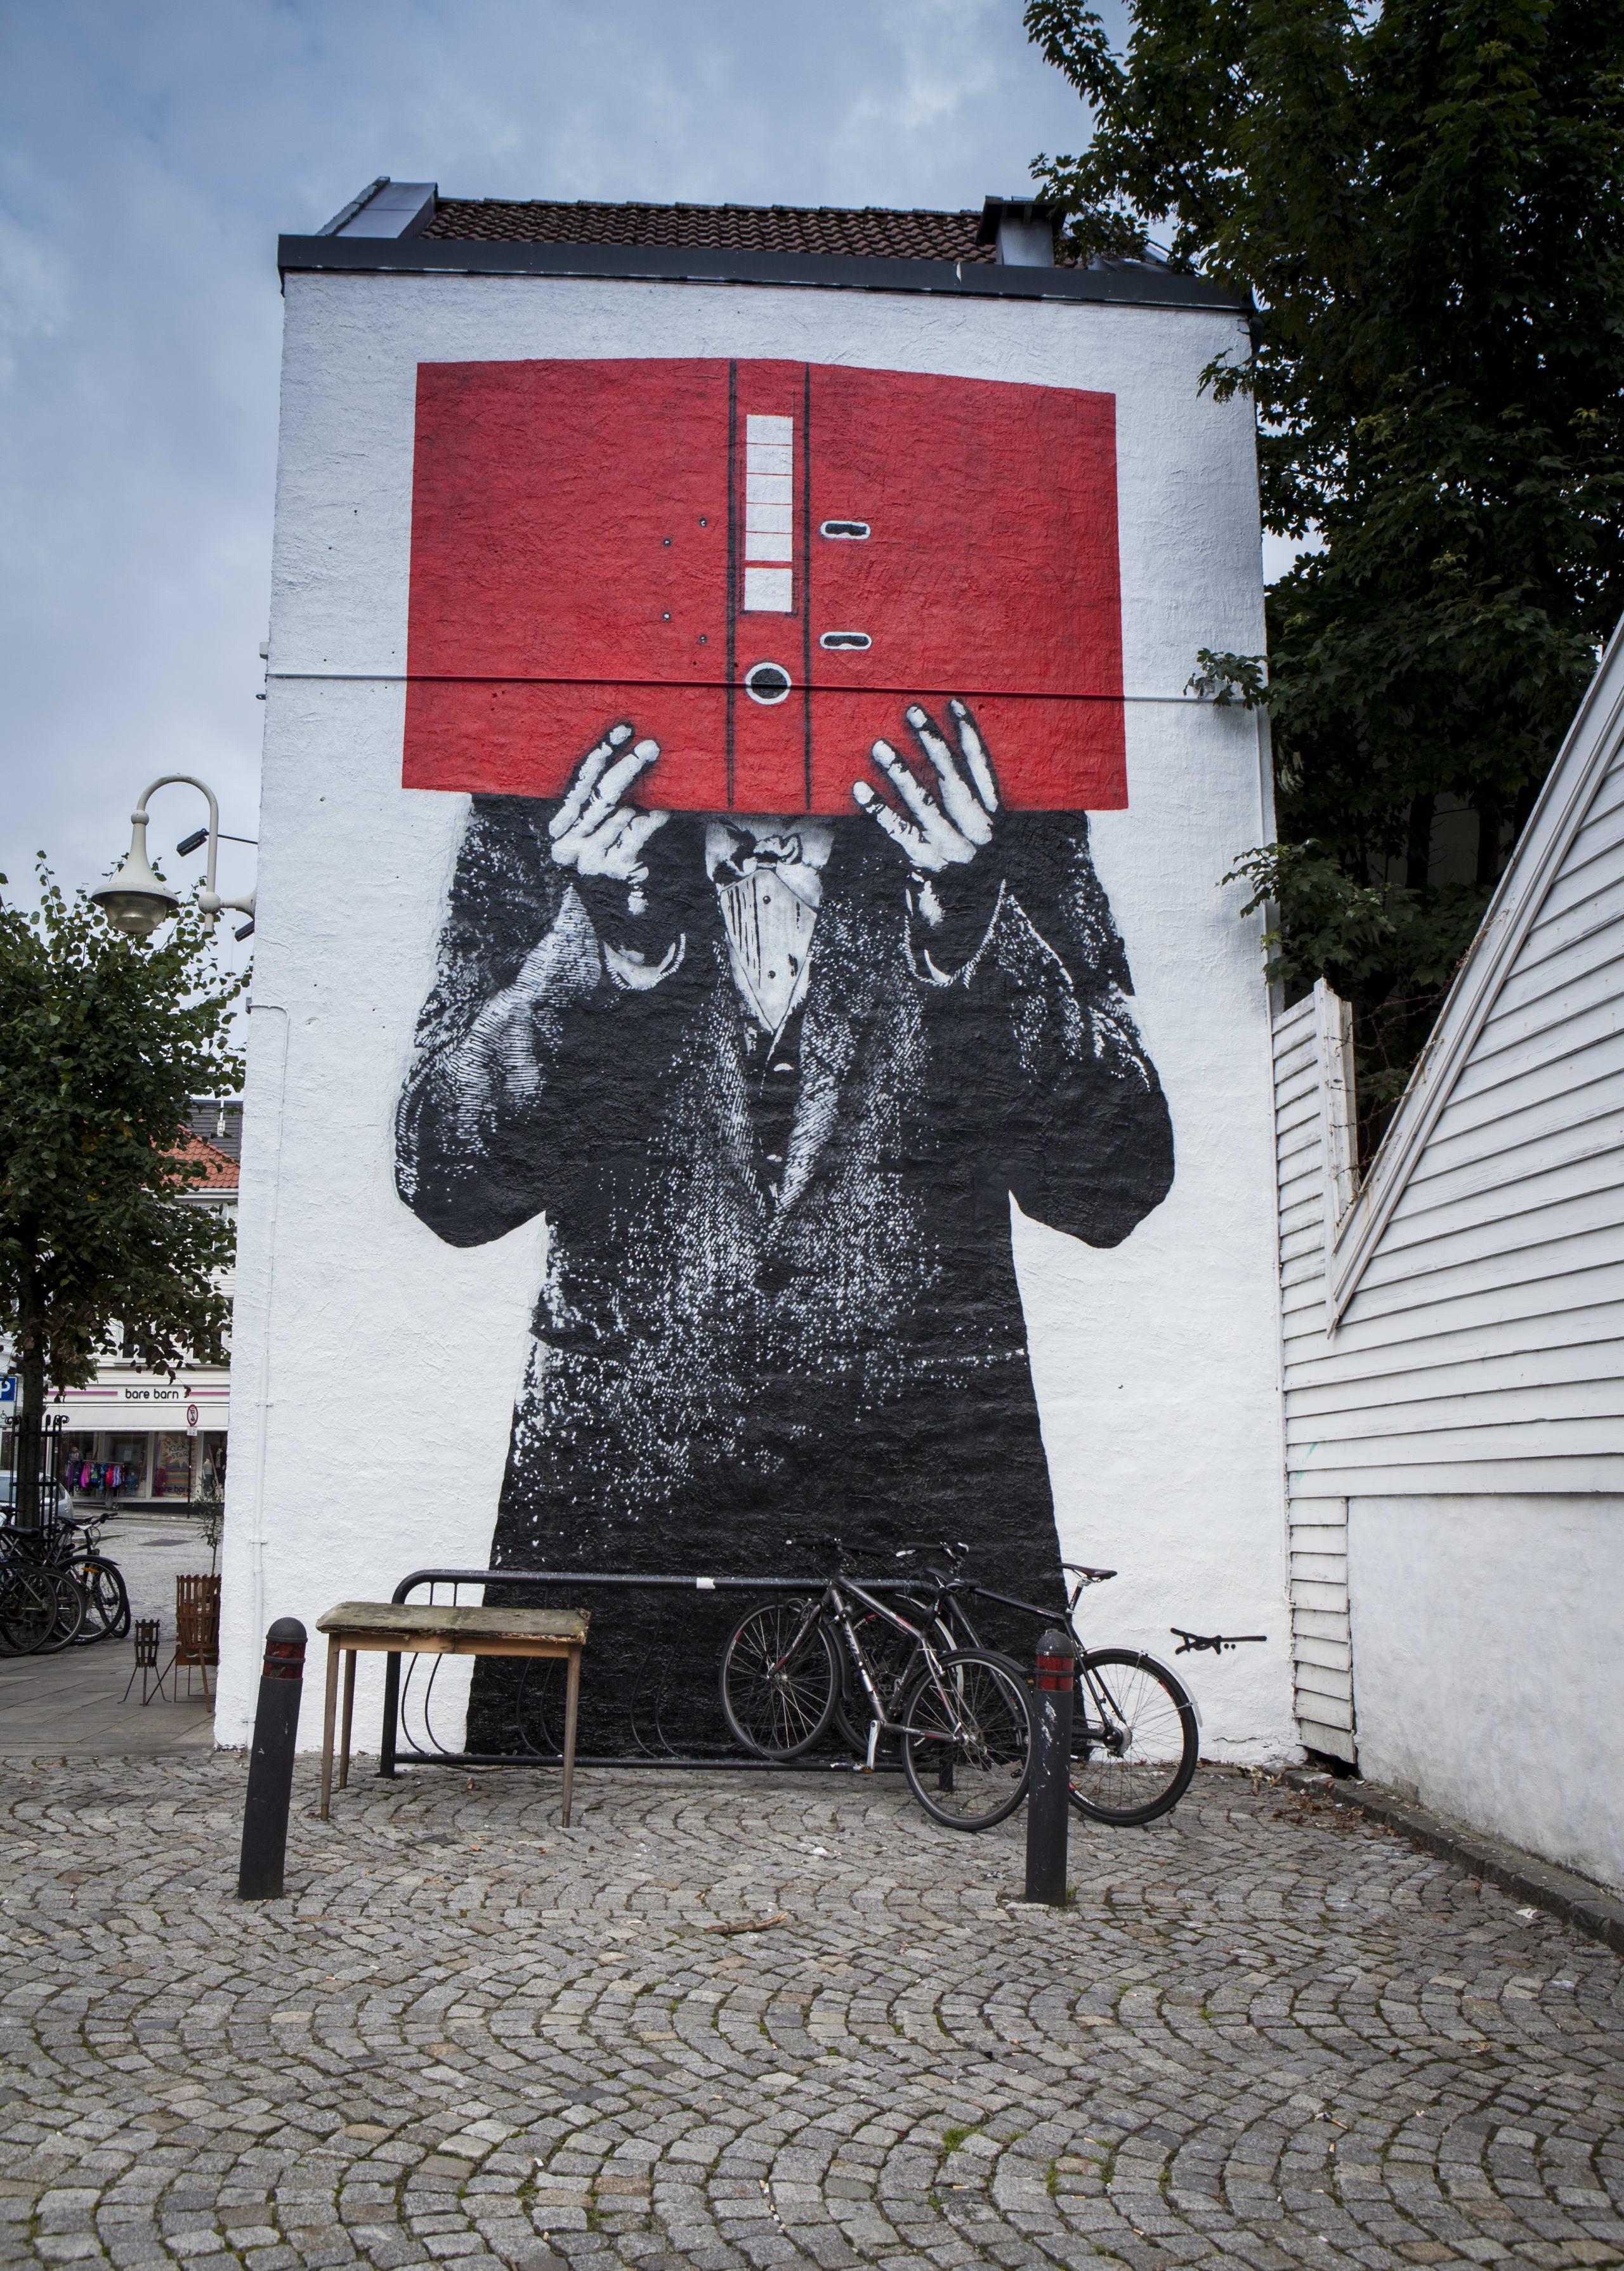 Street art festival in Stavanger